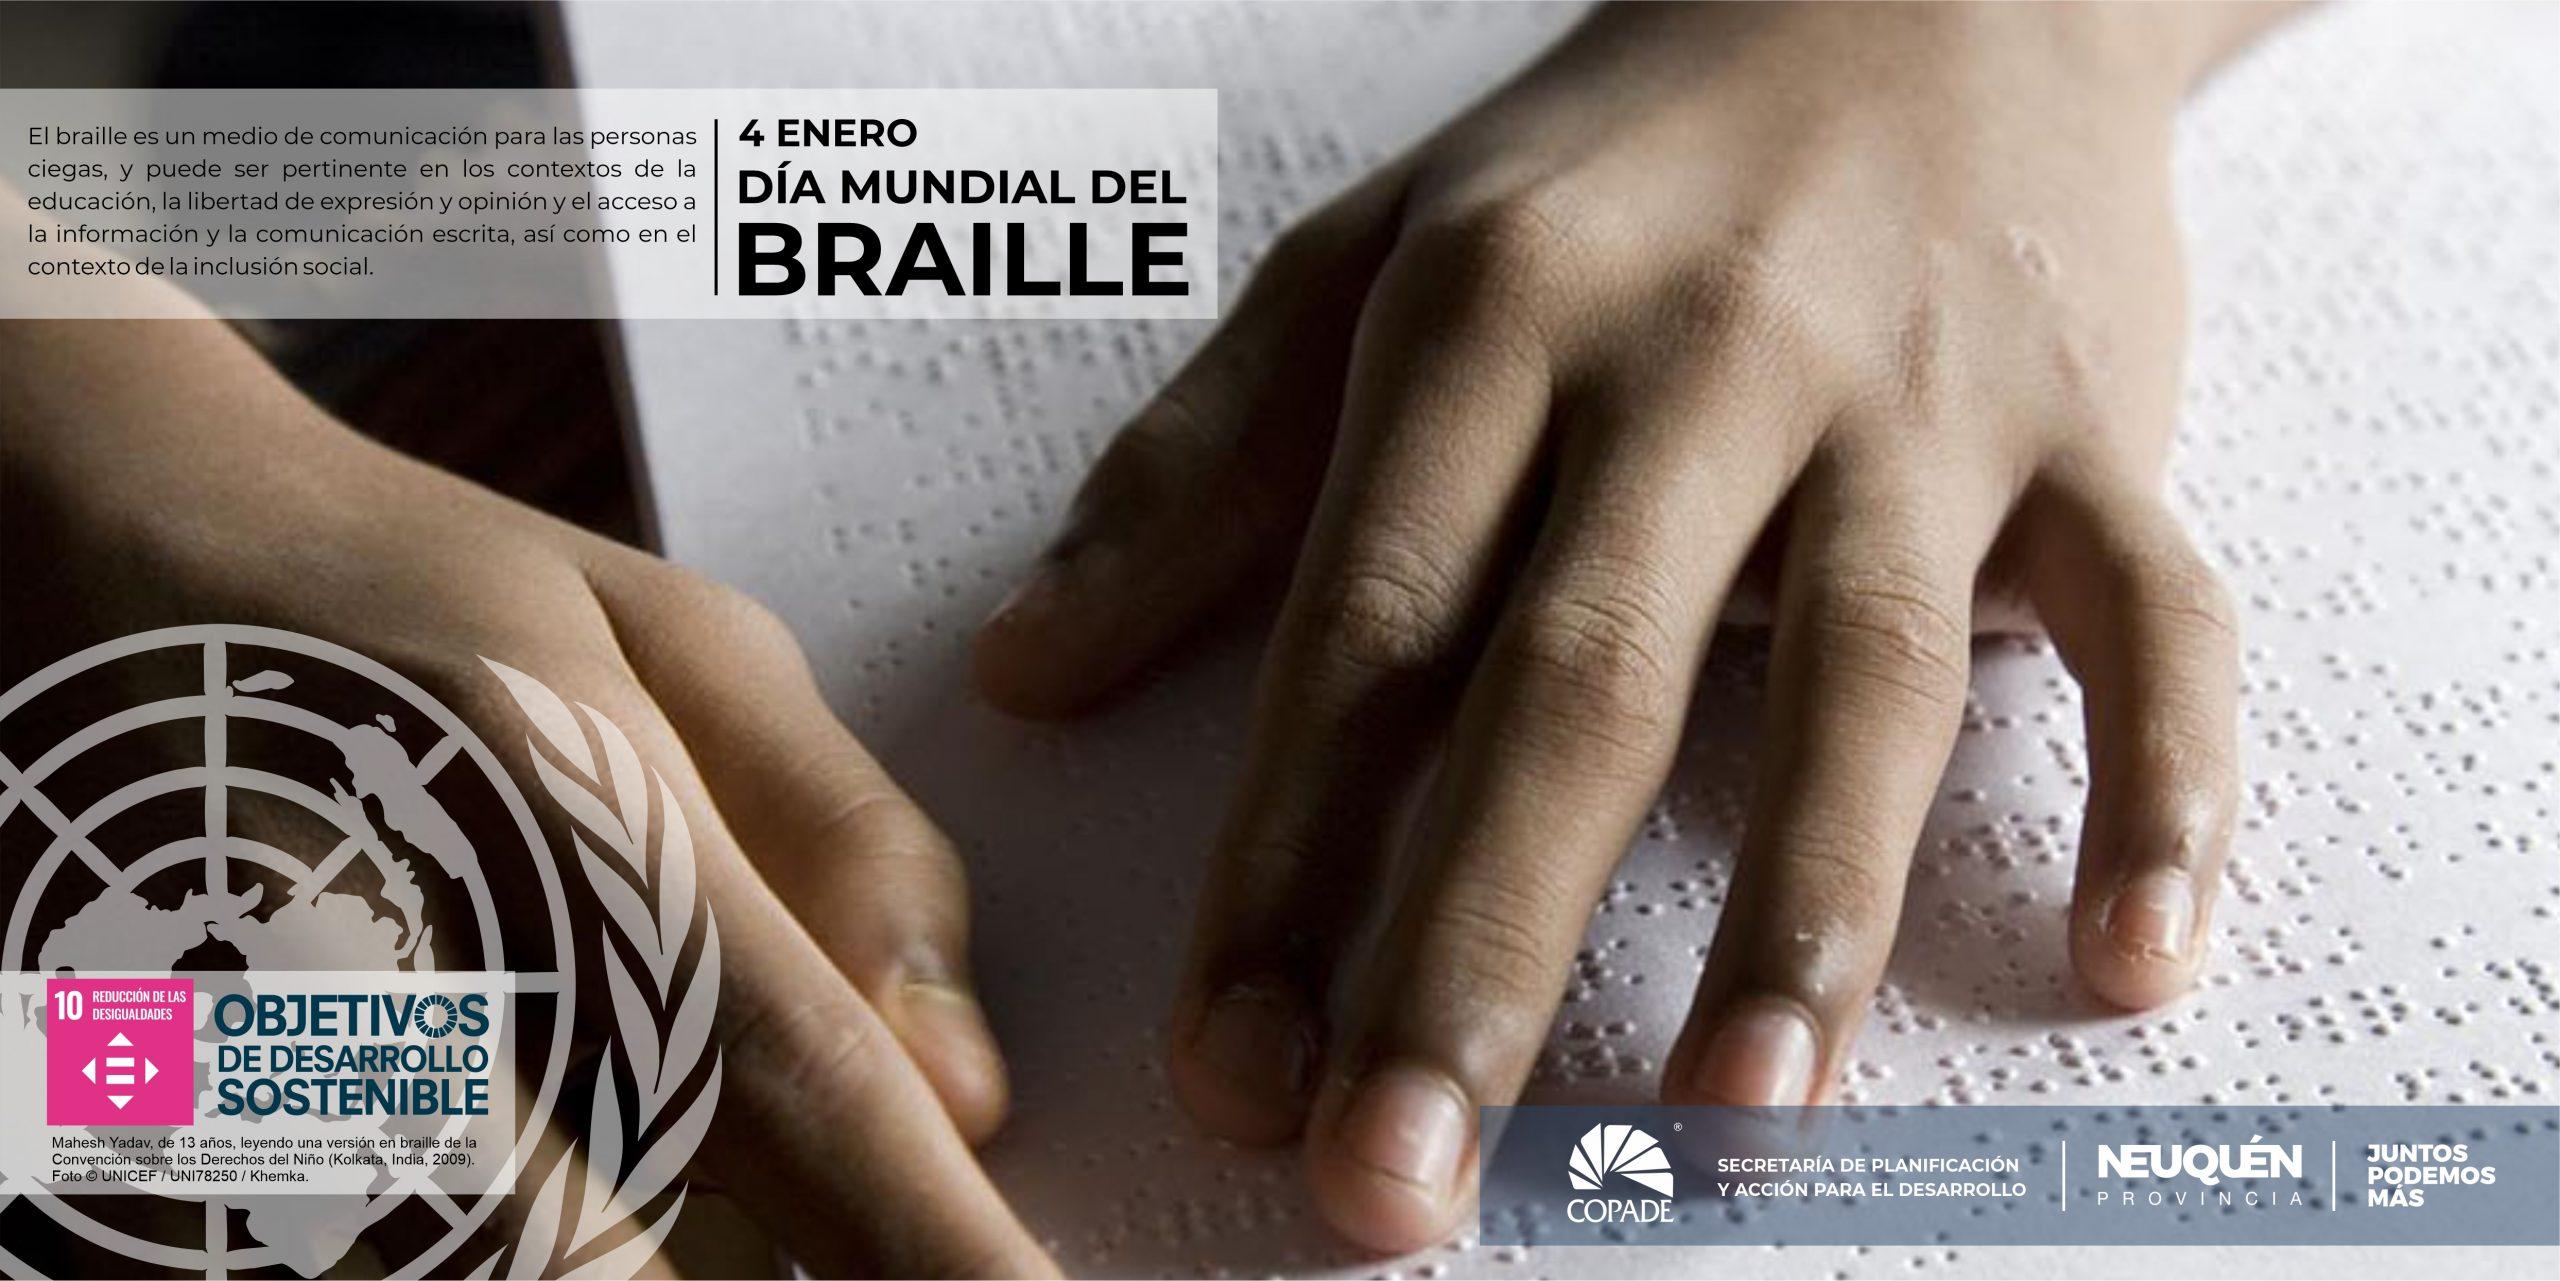 4 de enero es el Día Mundial del Braille